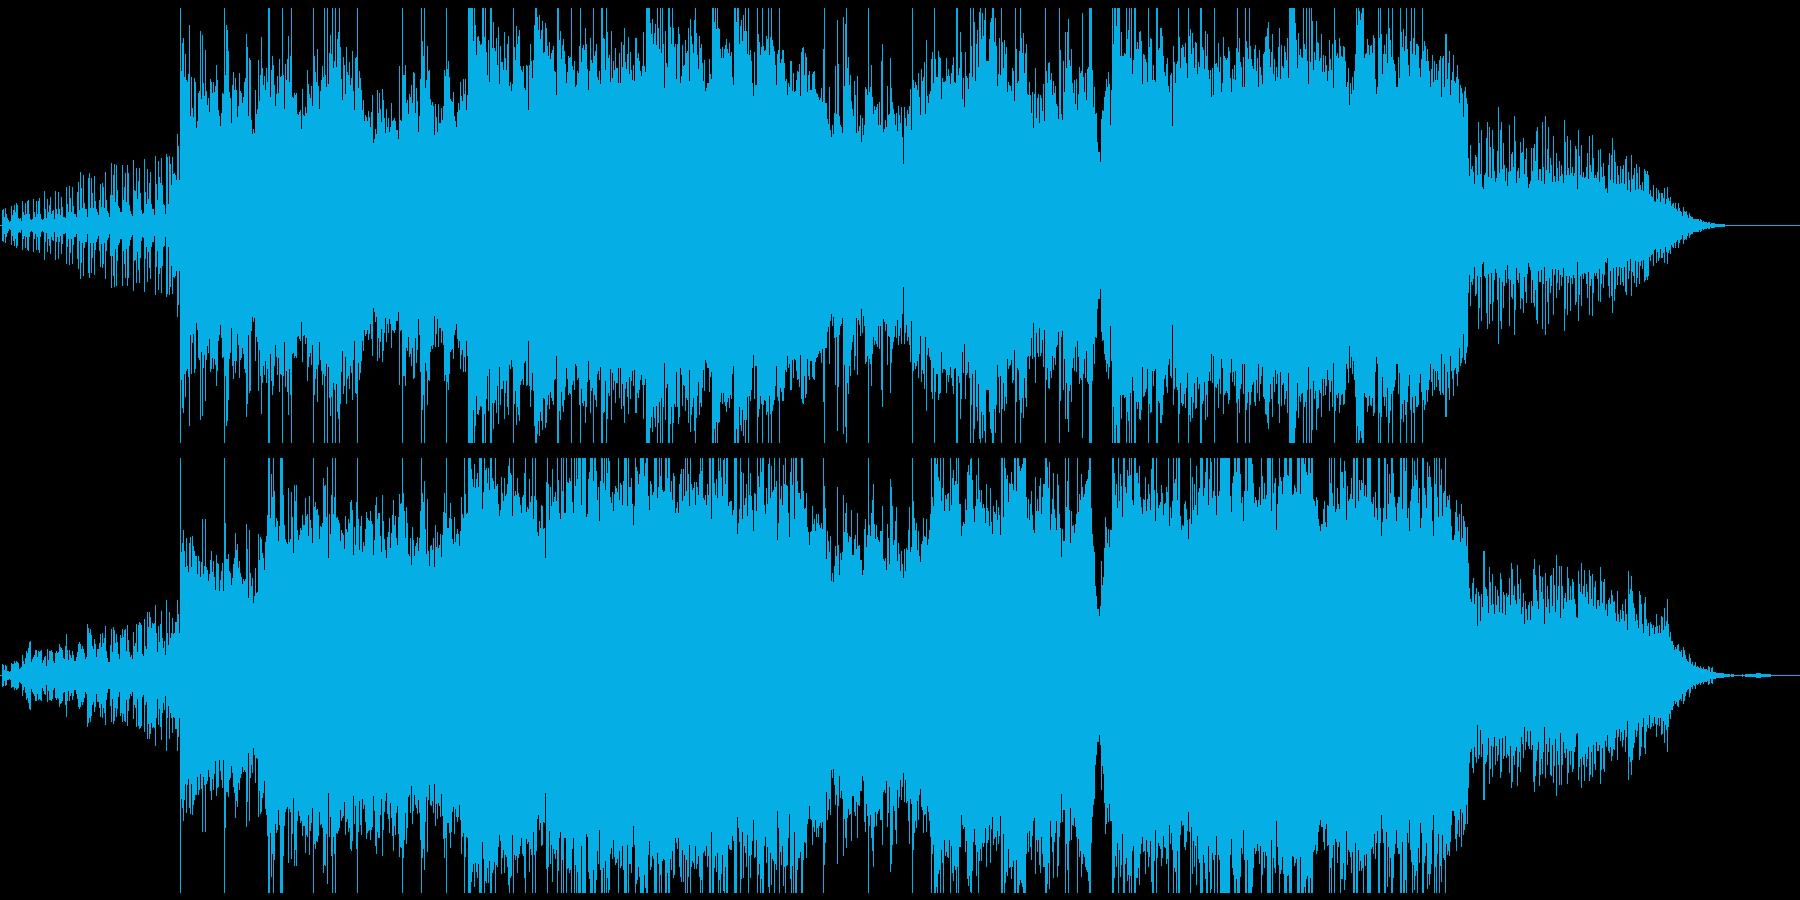 古都の中国を彷彿させる曲(WAV版)の再生済みの波形